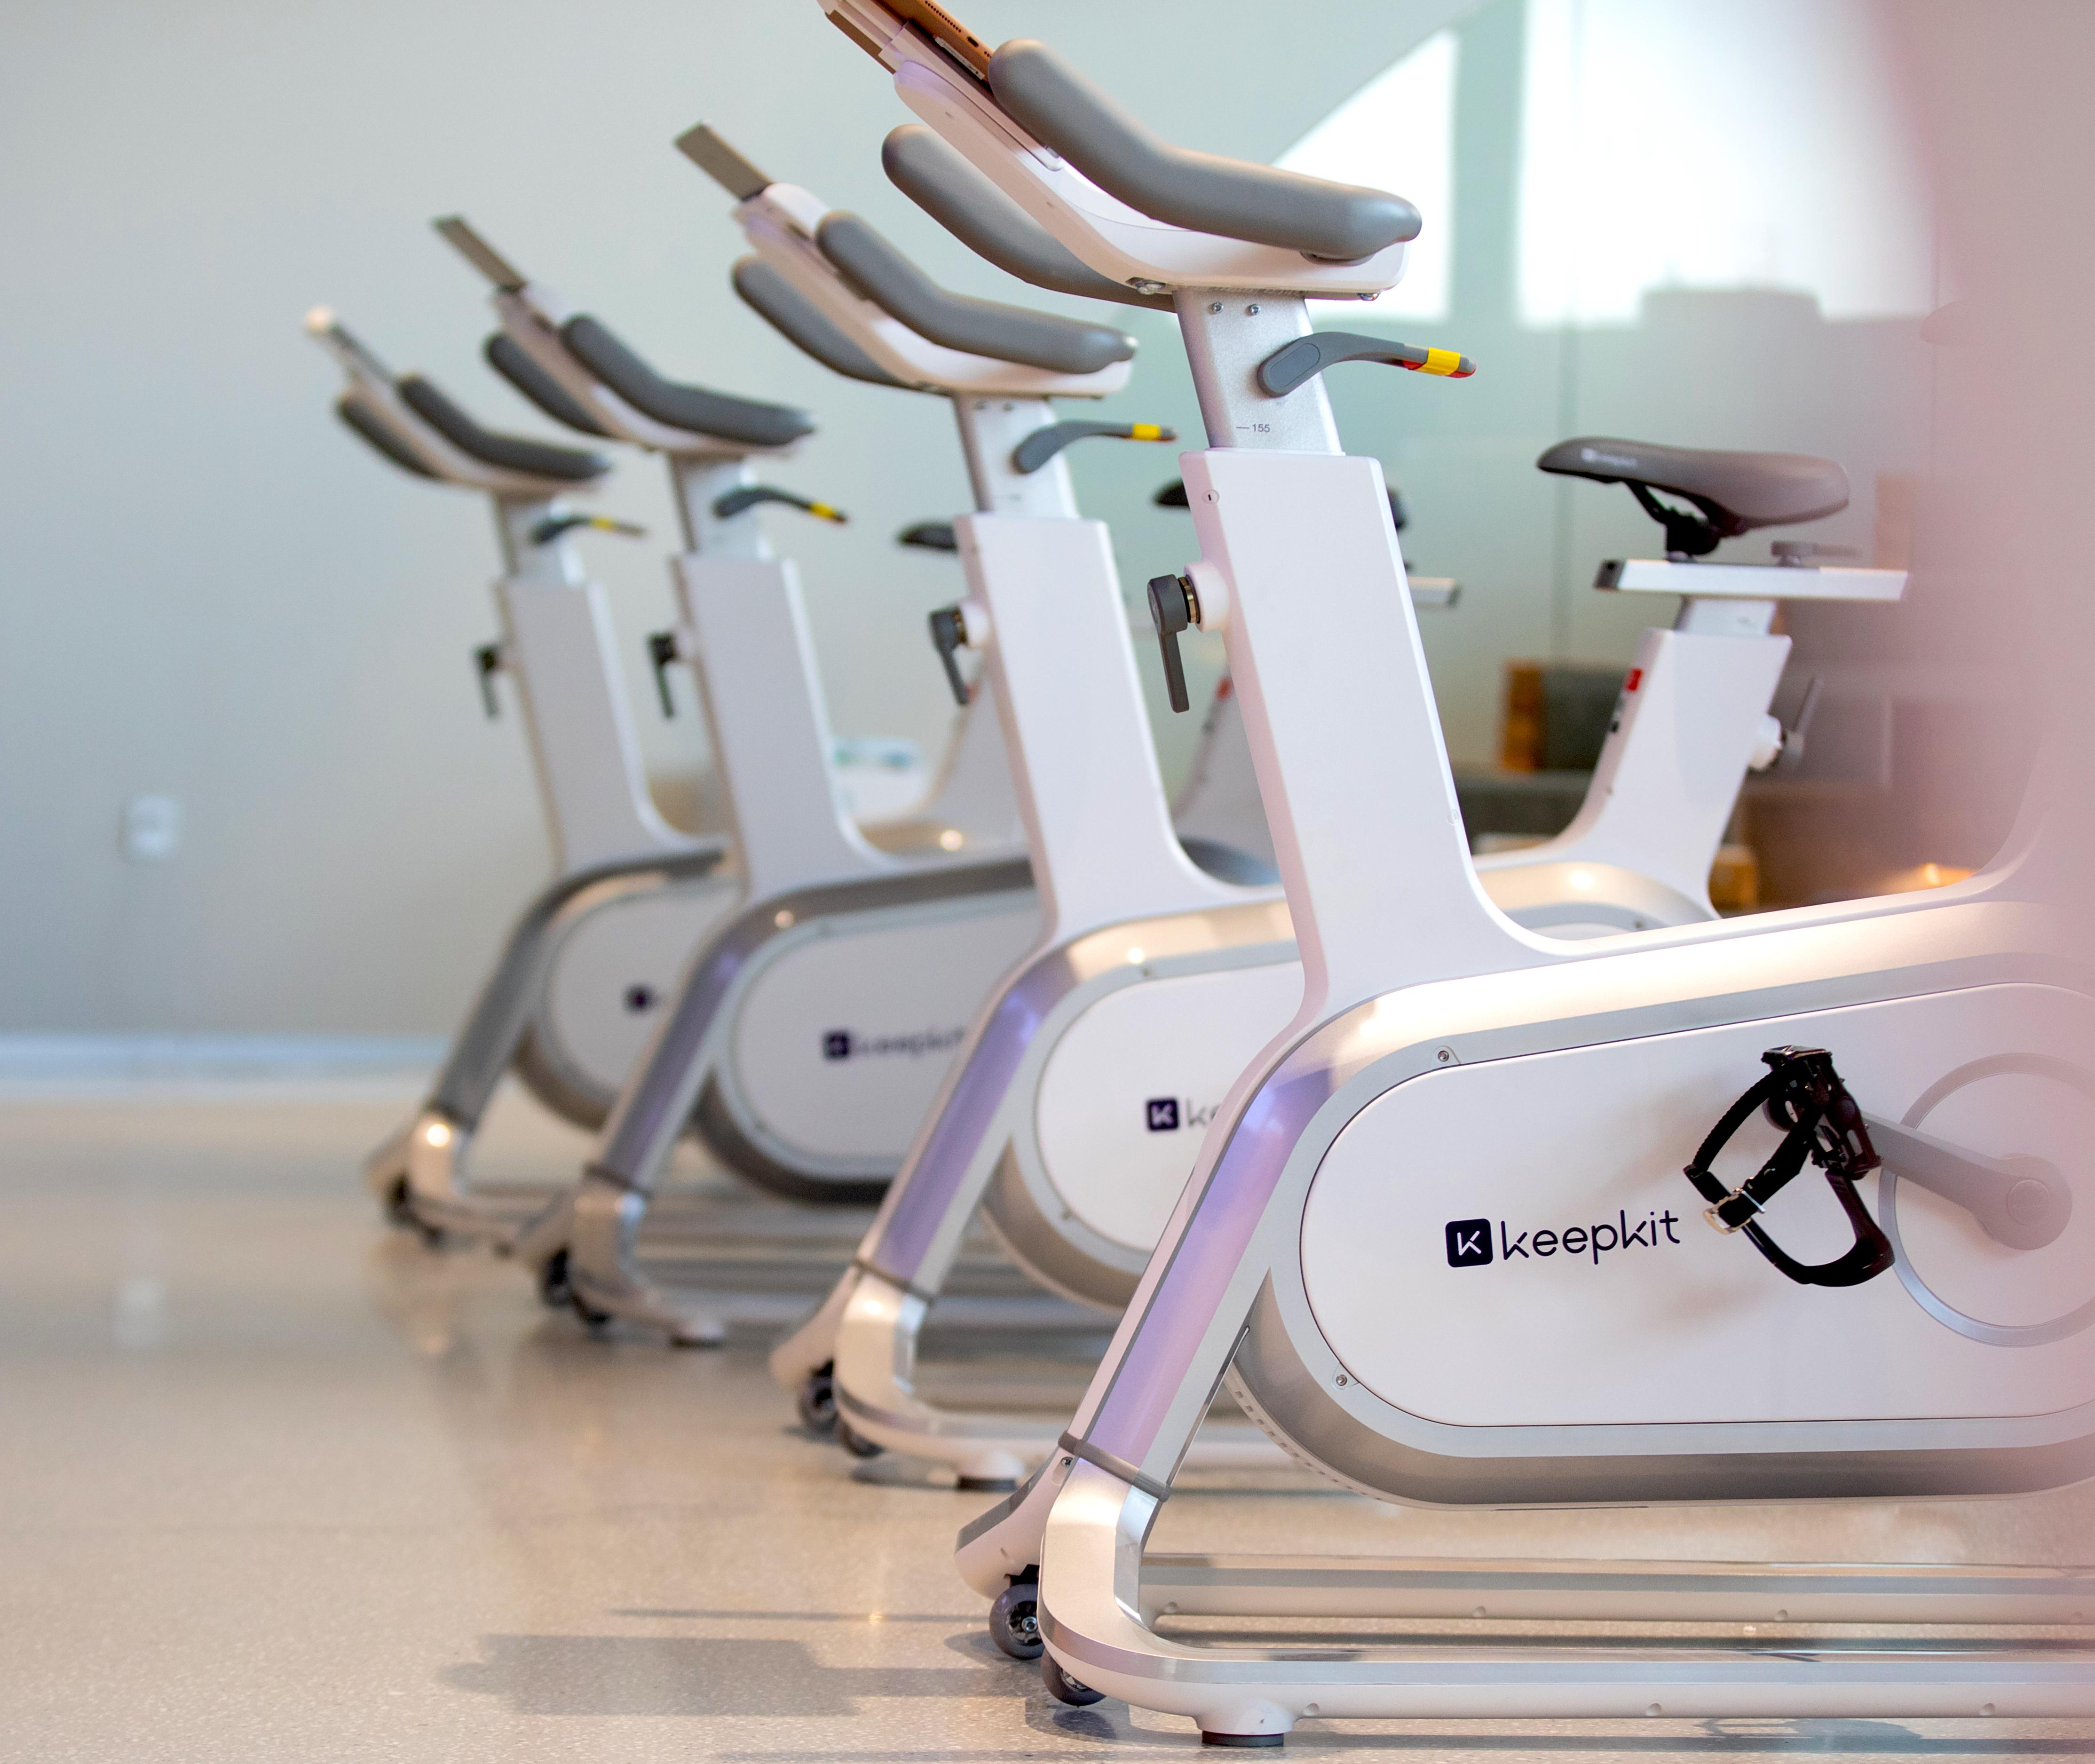 Keep完成8000万美元E轮融资,要做满足运动全过程的运动体验品牌